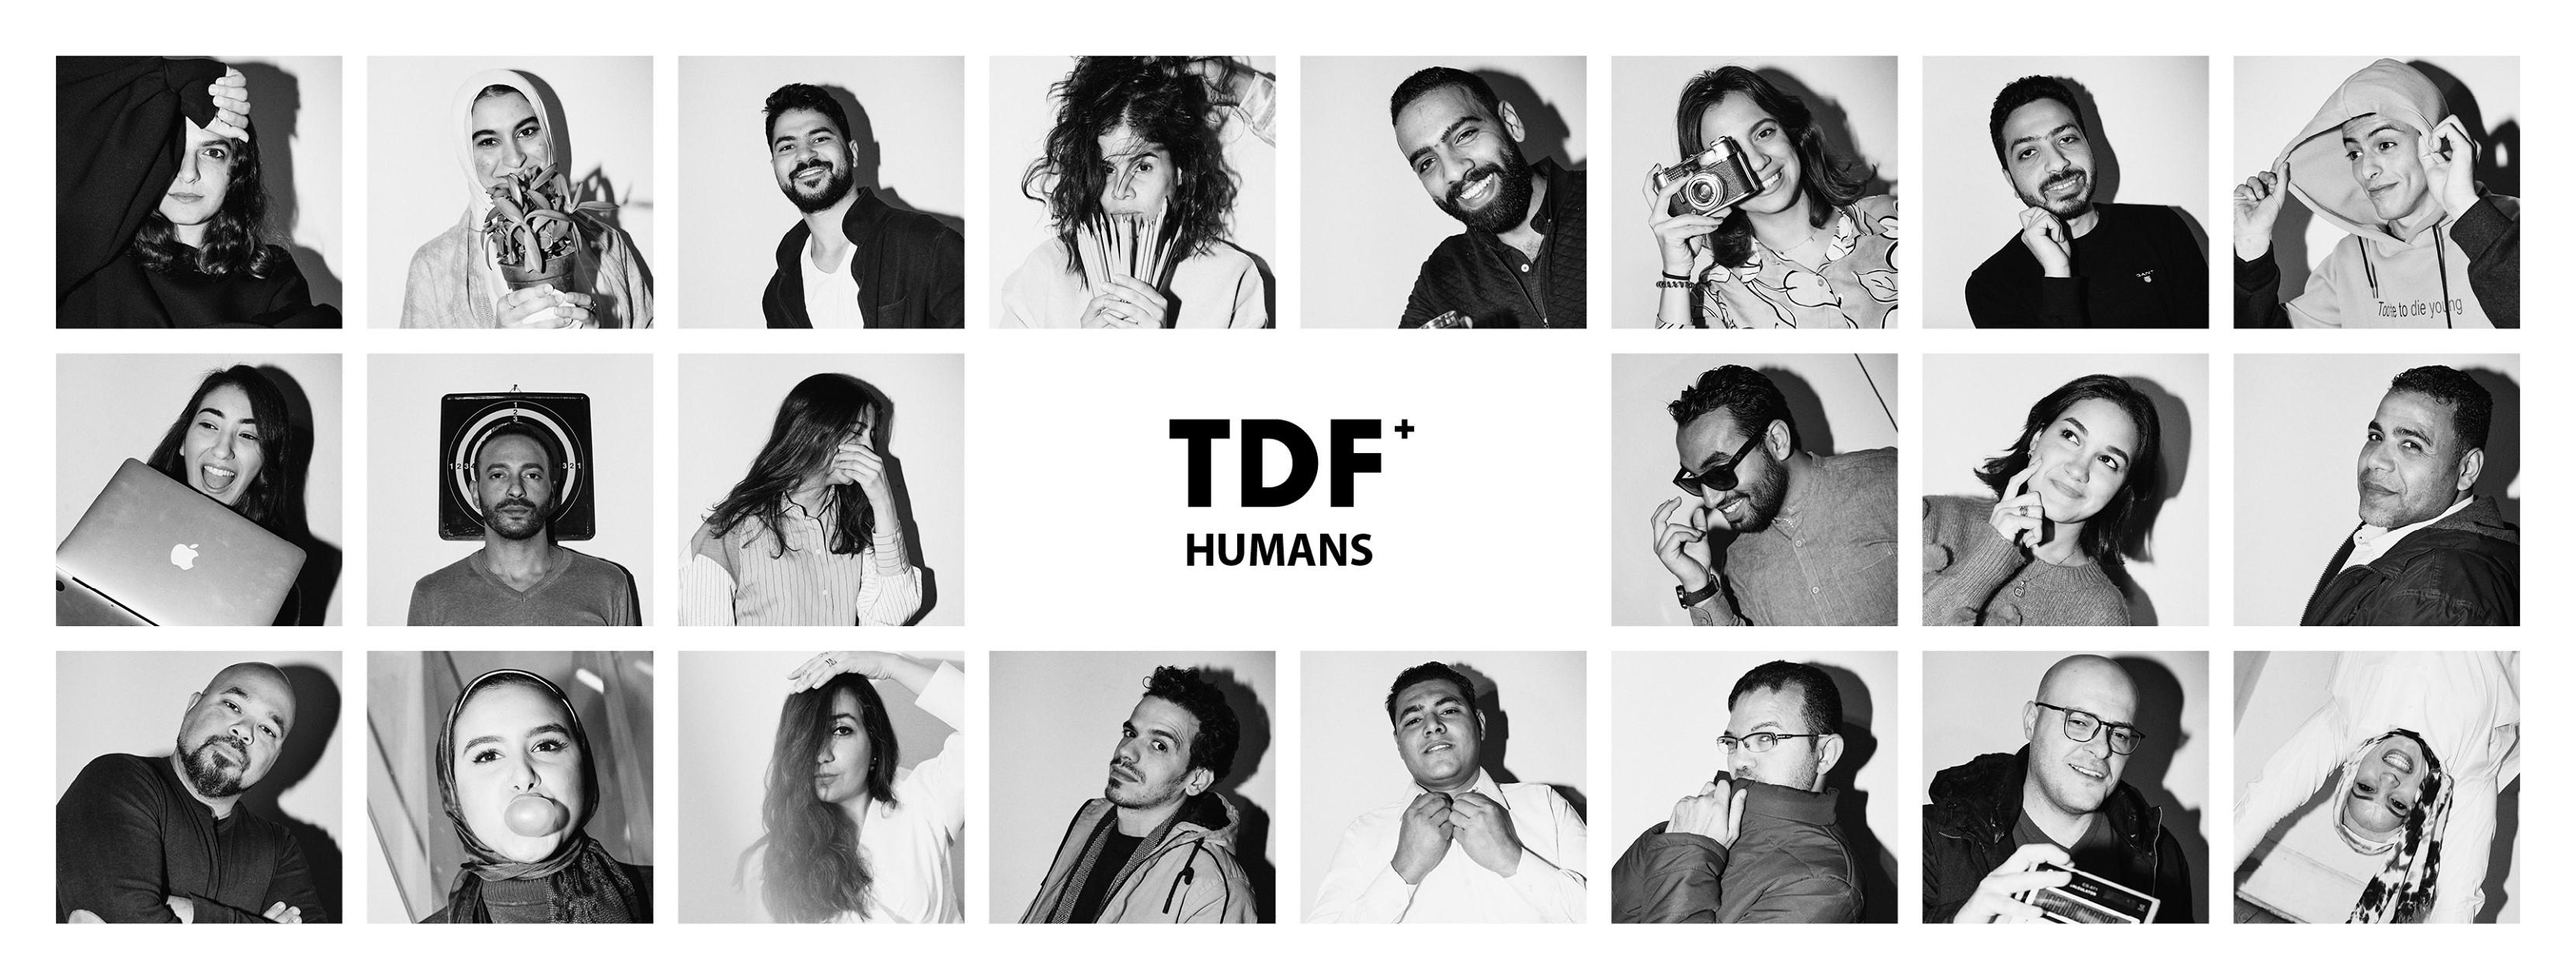 TDF+ ديزاينز